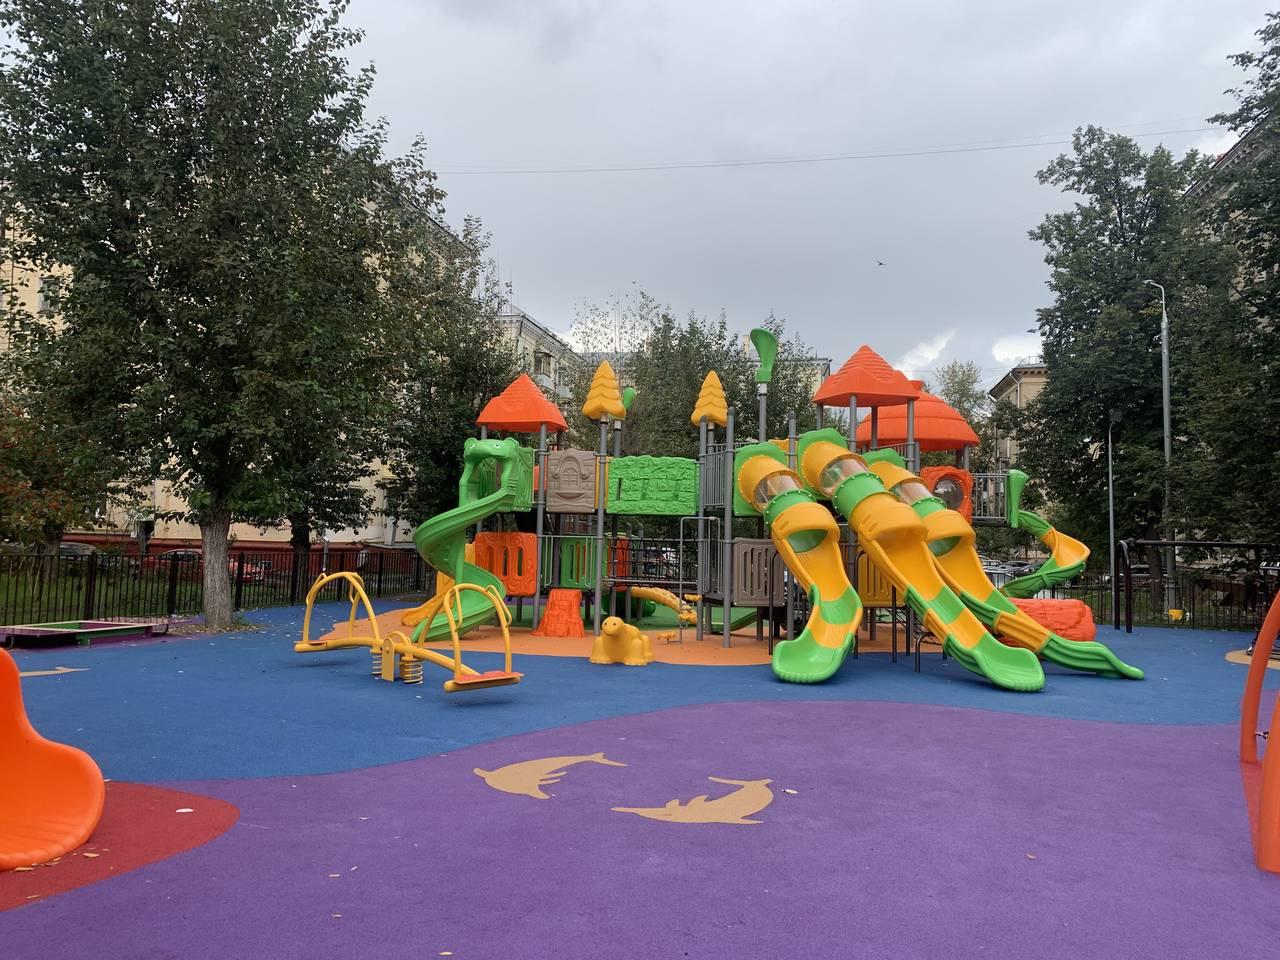 В Пресненском районе благоустроили 66 дворовых территорий. Фото предоставили в Префектуре ЦАО